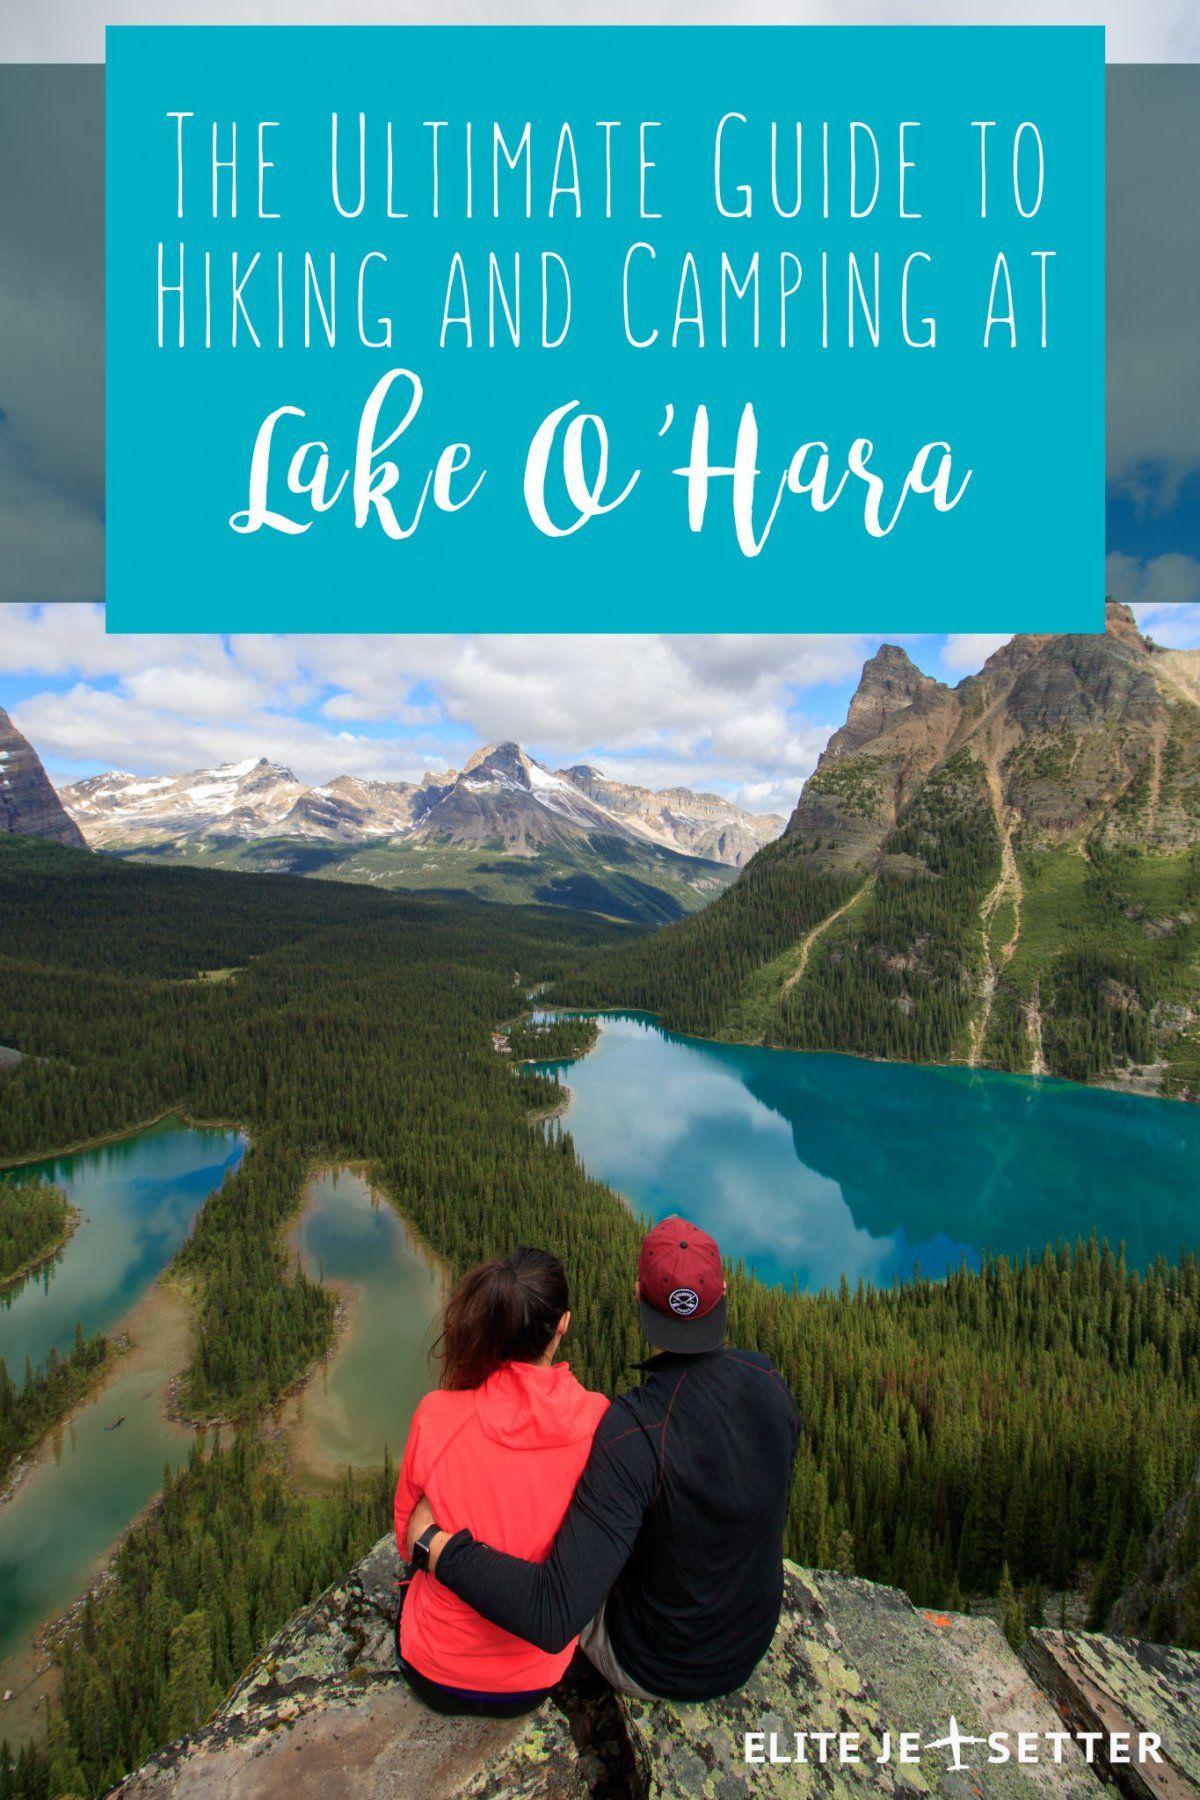 The Ultimate Guide to Hiking and Camping at Lake O'Hara